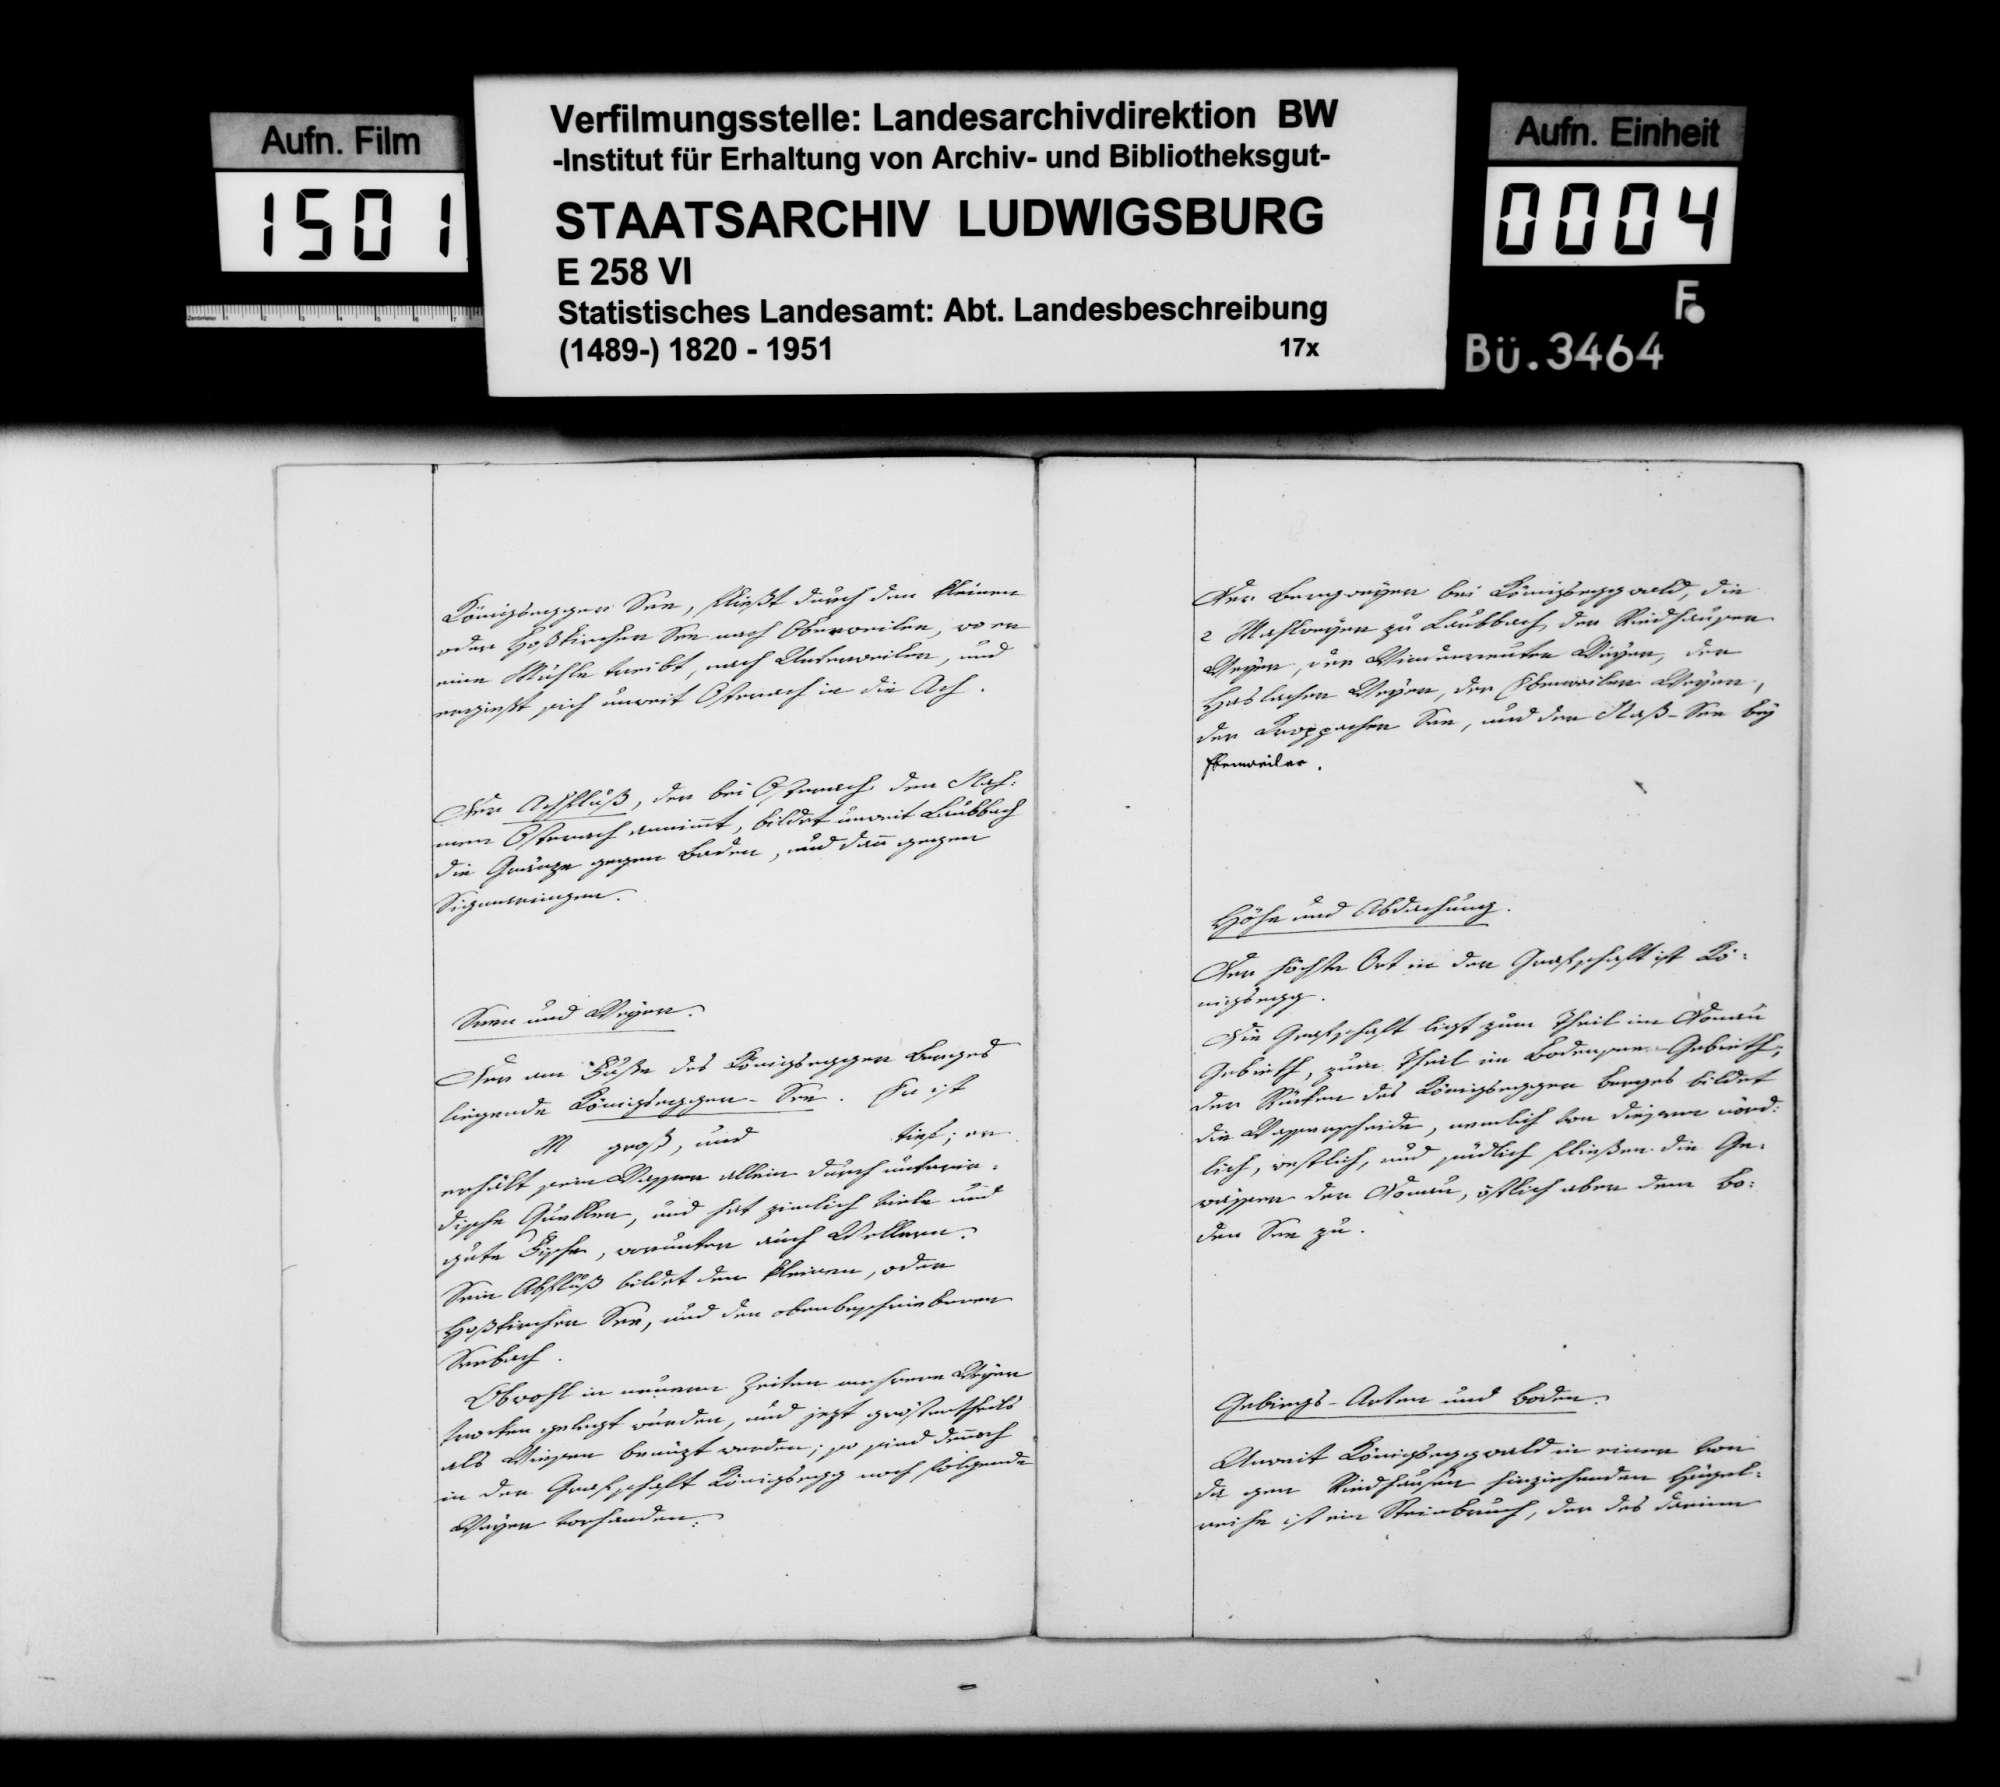 Domäneninspektor Mesmer aus Aulendorf über das Vermögen der Grafen von Königsegg-Aulendorf im Oberamt Saulgau [in der Reihenfolge der OAB], Bild 3